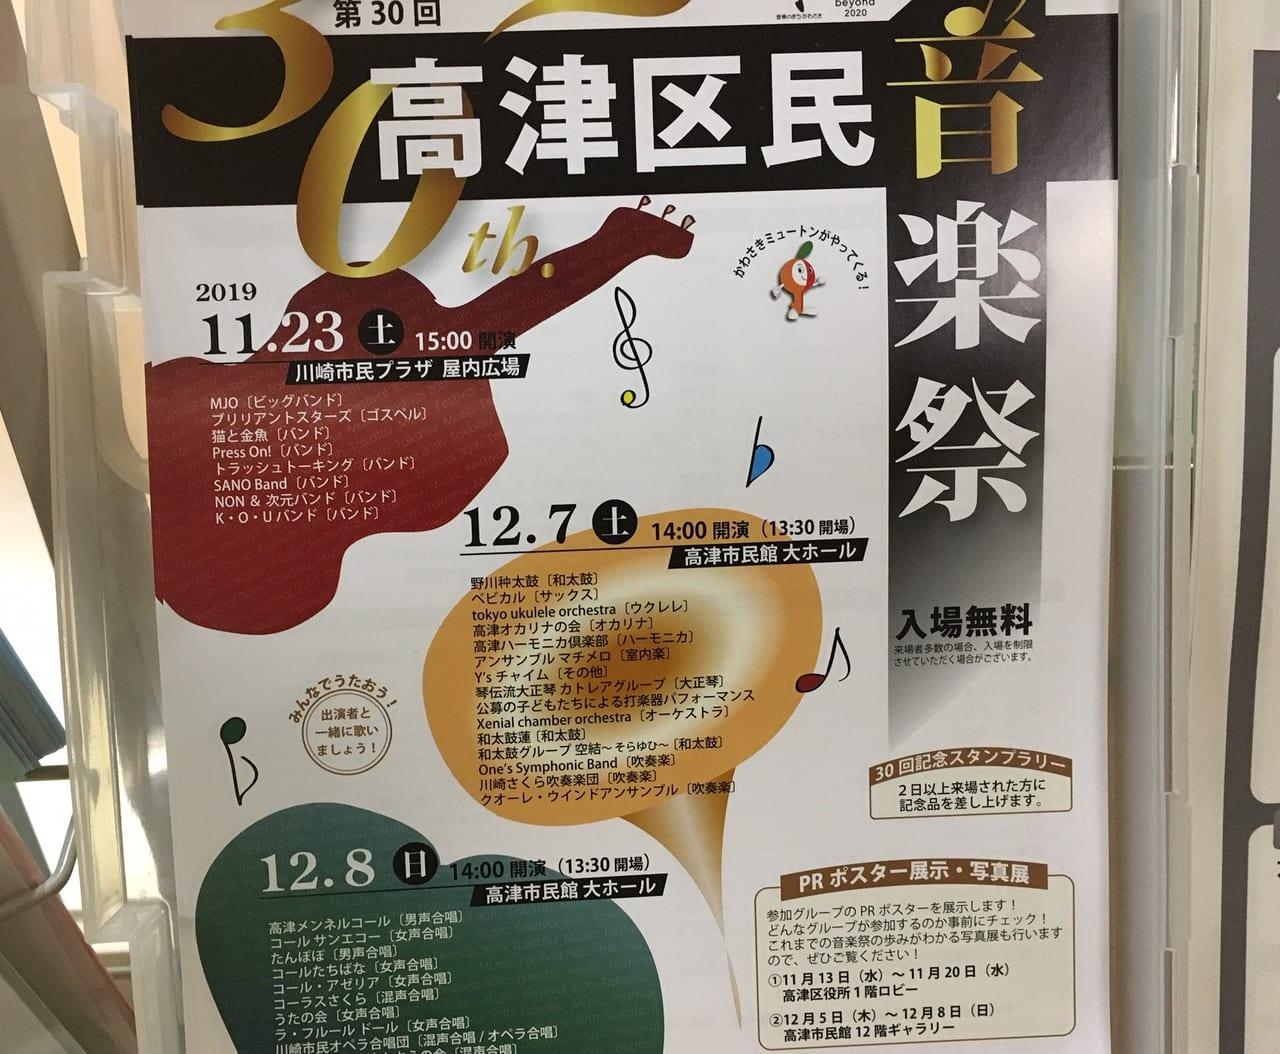 高津区民音楽祭